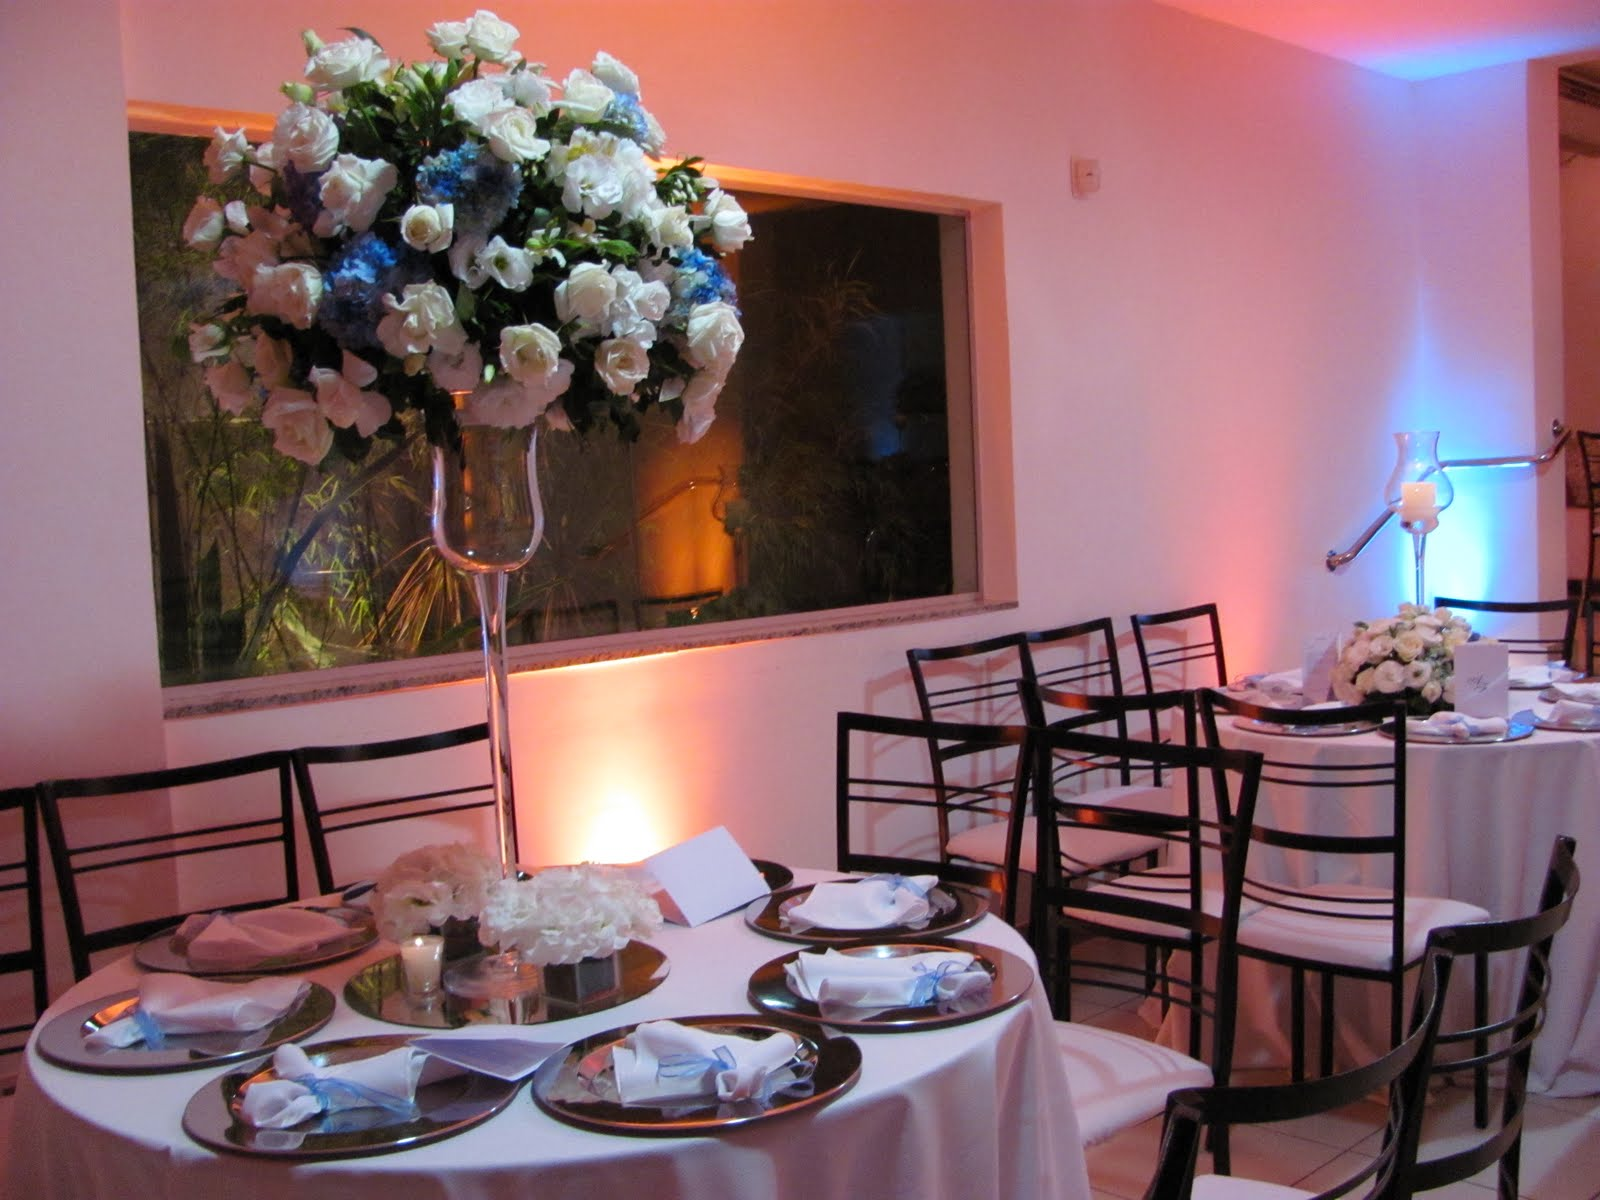 decoracao de casamento frederico westphalen : decoracao de casamento frederico westphalen:Decoração com flores branca e toques de Hortencias azul